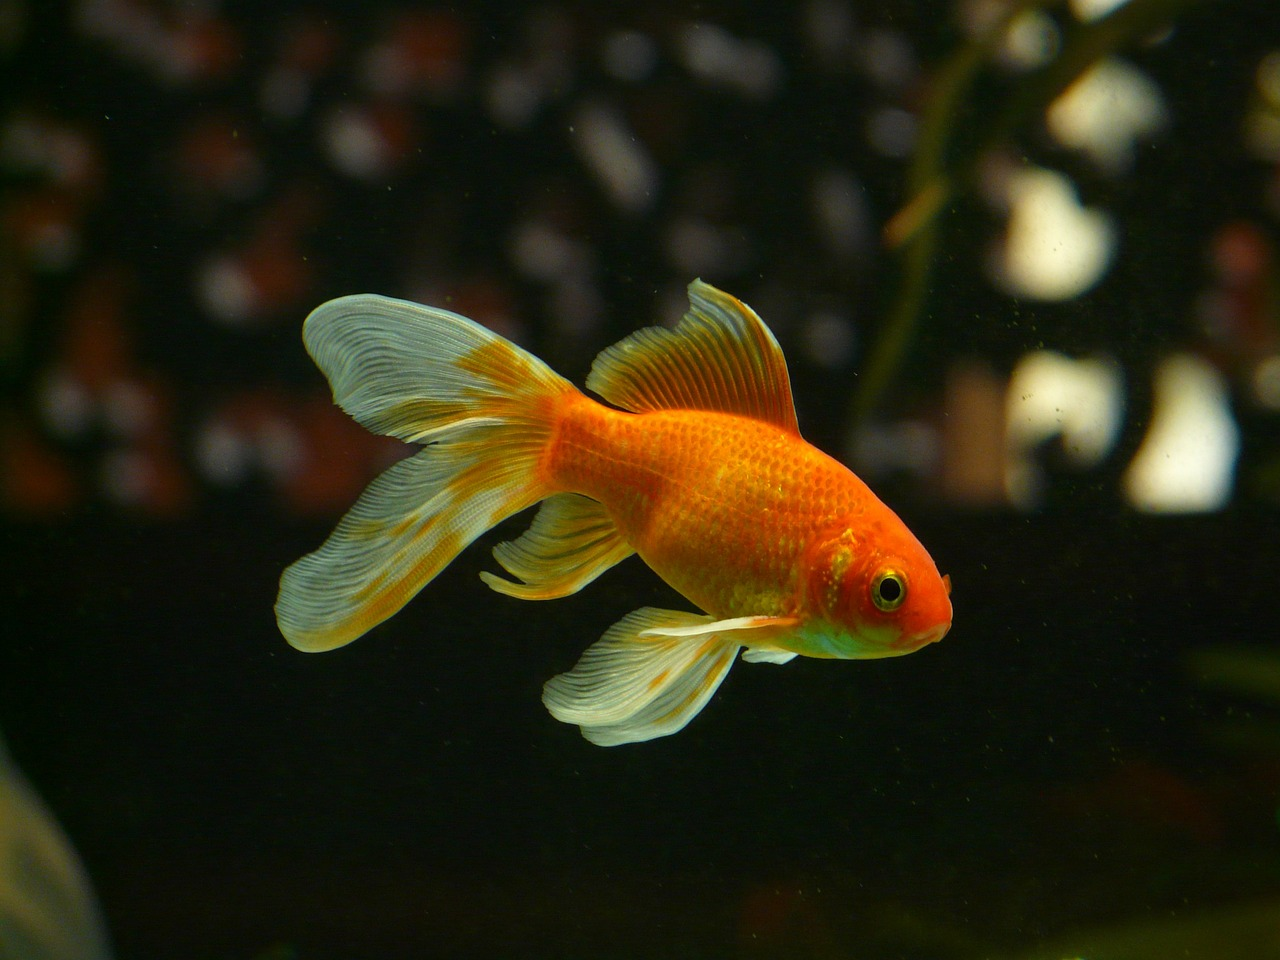 Jakie popularne ryby warto mieć w akwarium?